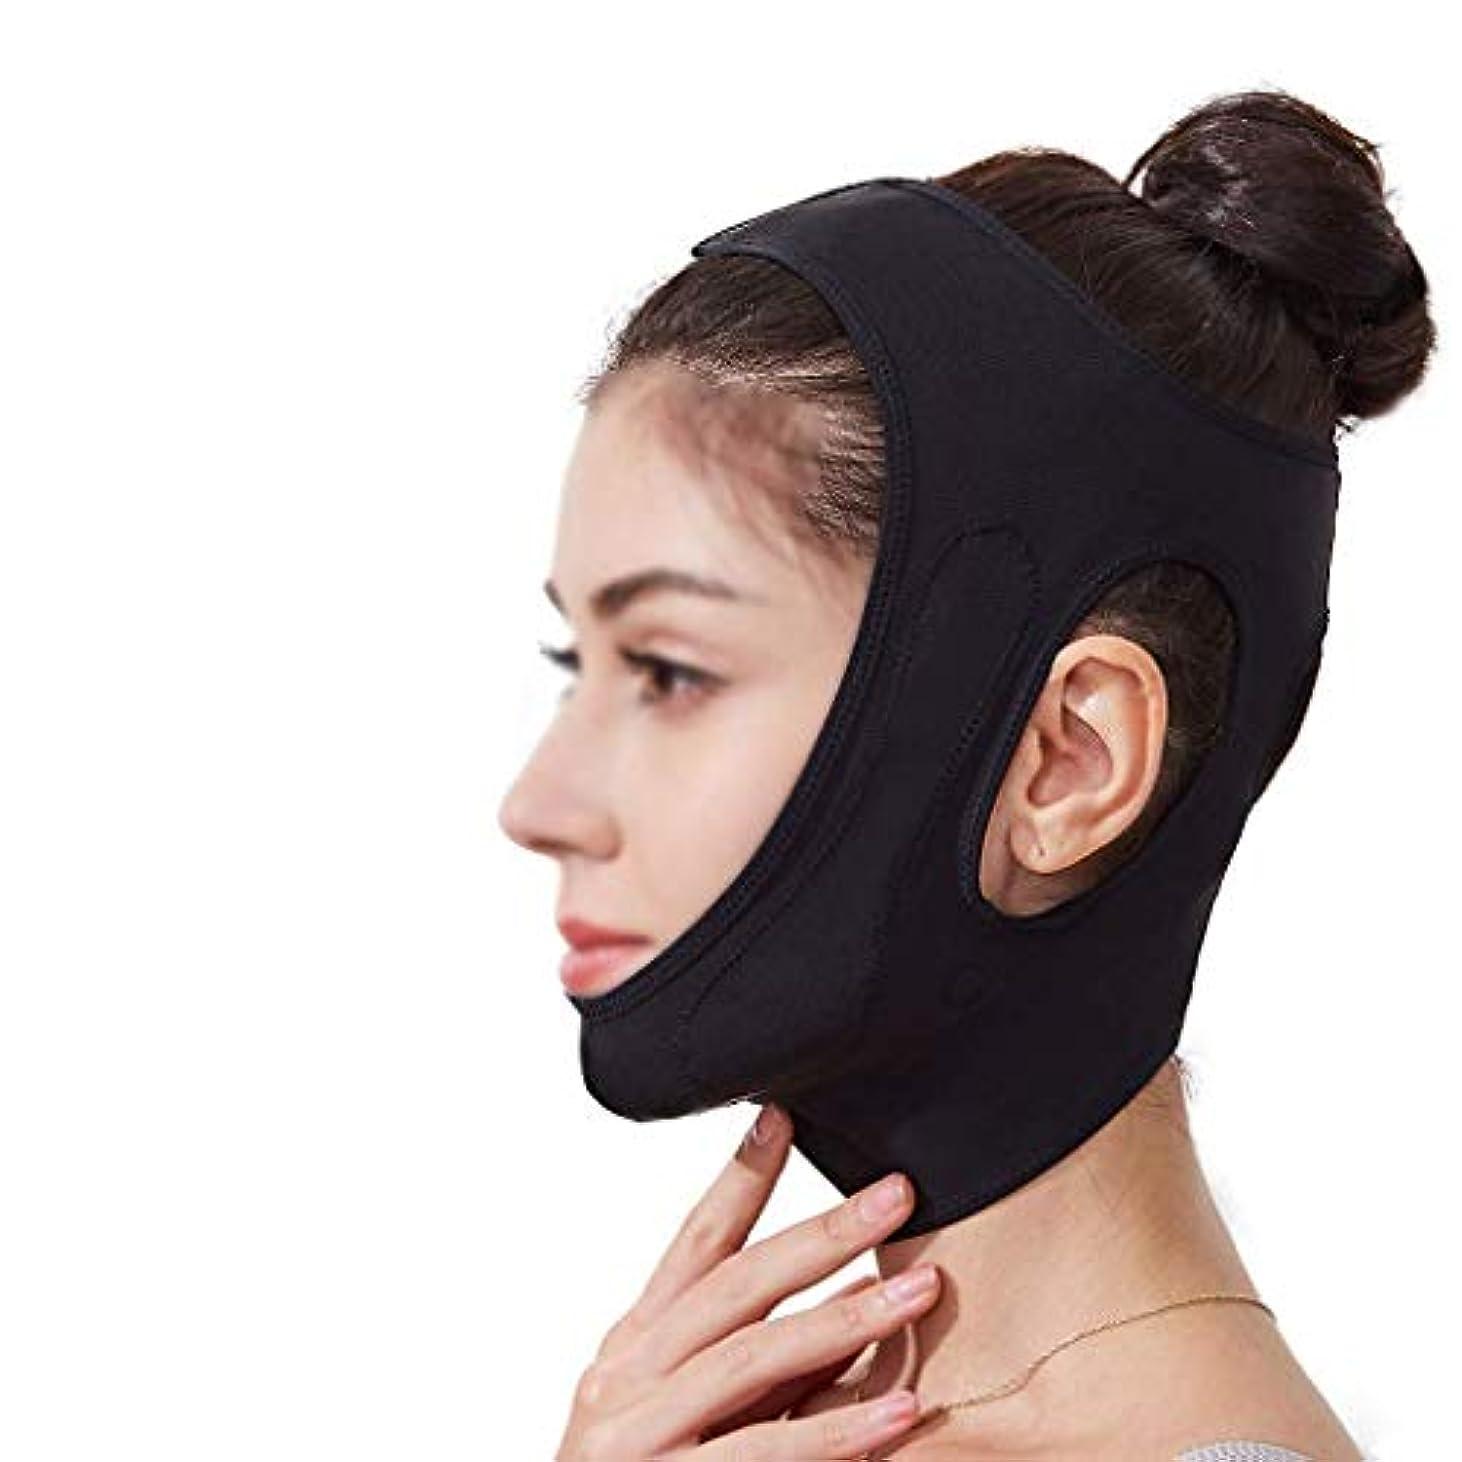 実験裁判所嫌いフェイスリフティングバンデージ、顔の頬V字型リフティングフェイスマスクしわの軽減ダブルチン快適な包帯で小さなVフェイスを作成(色:黒)